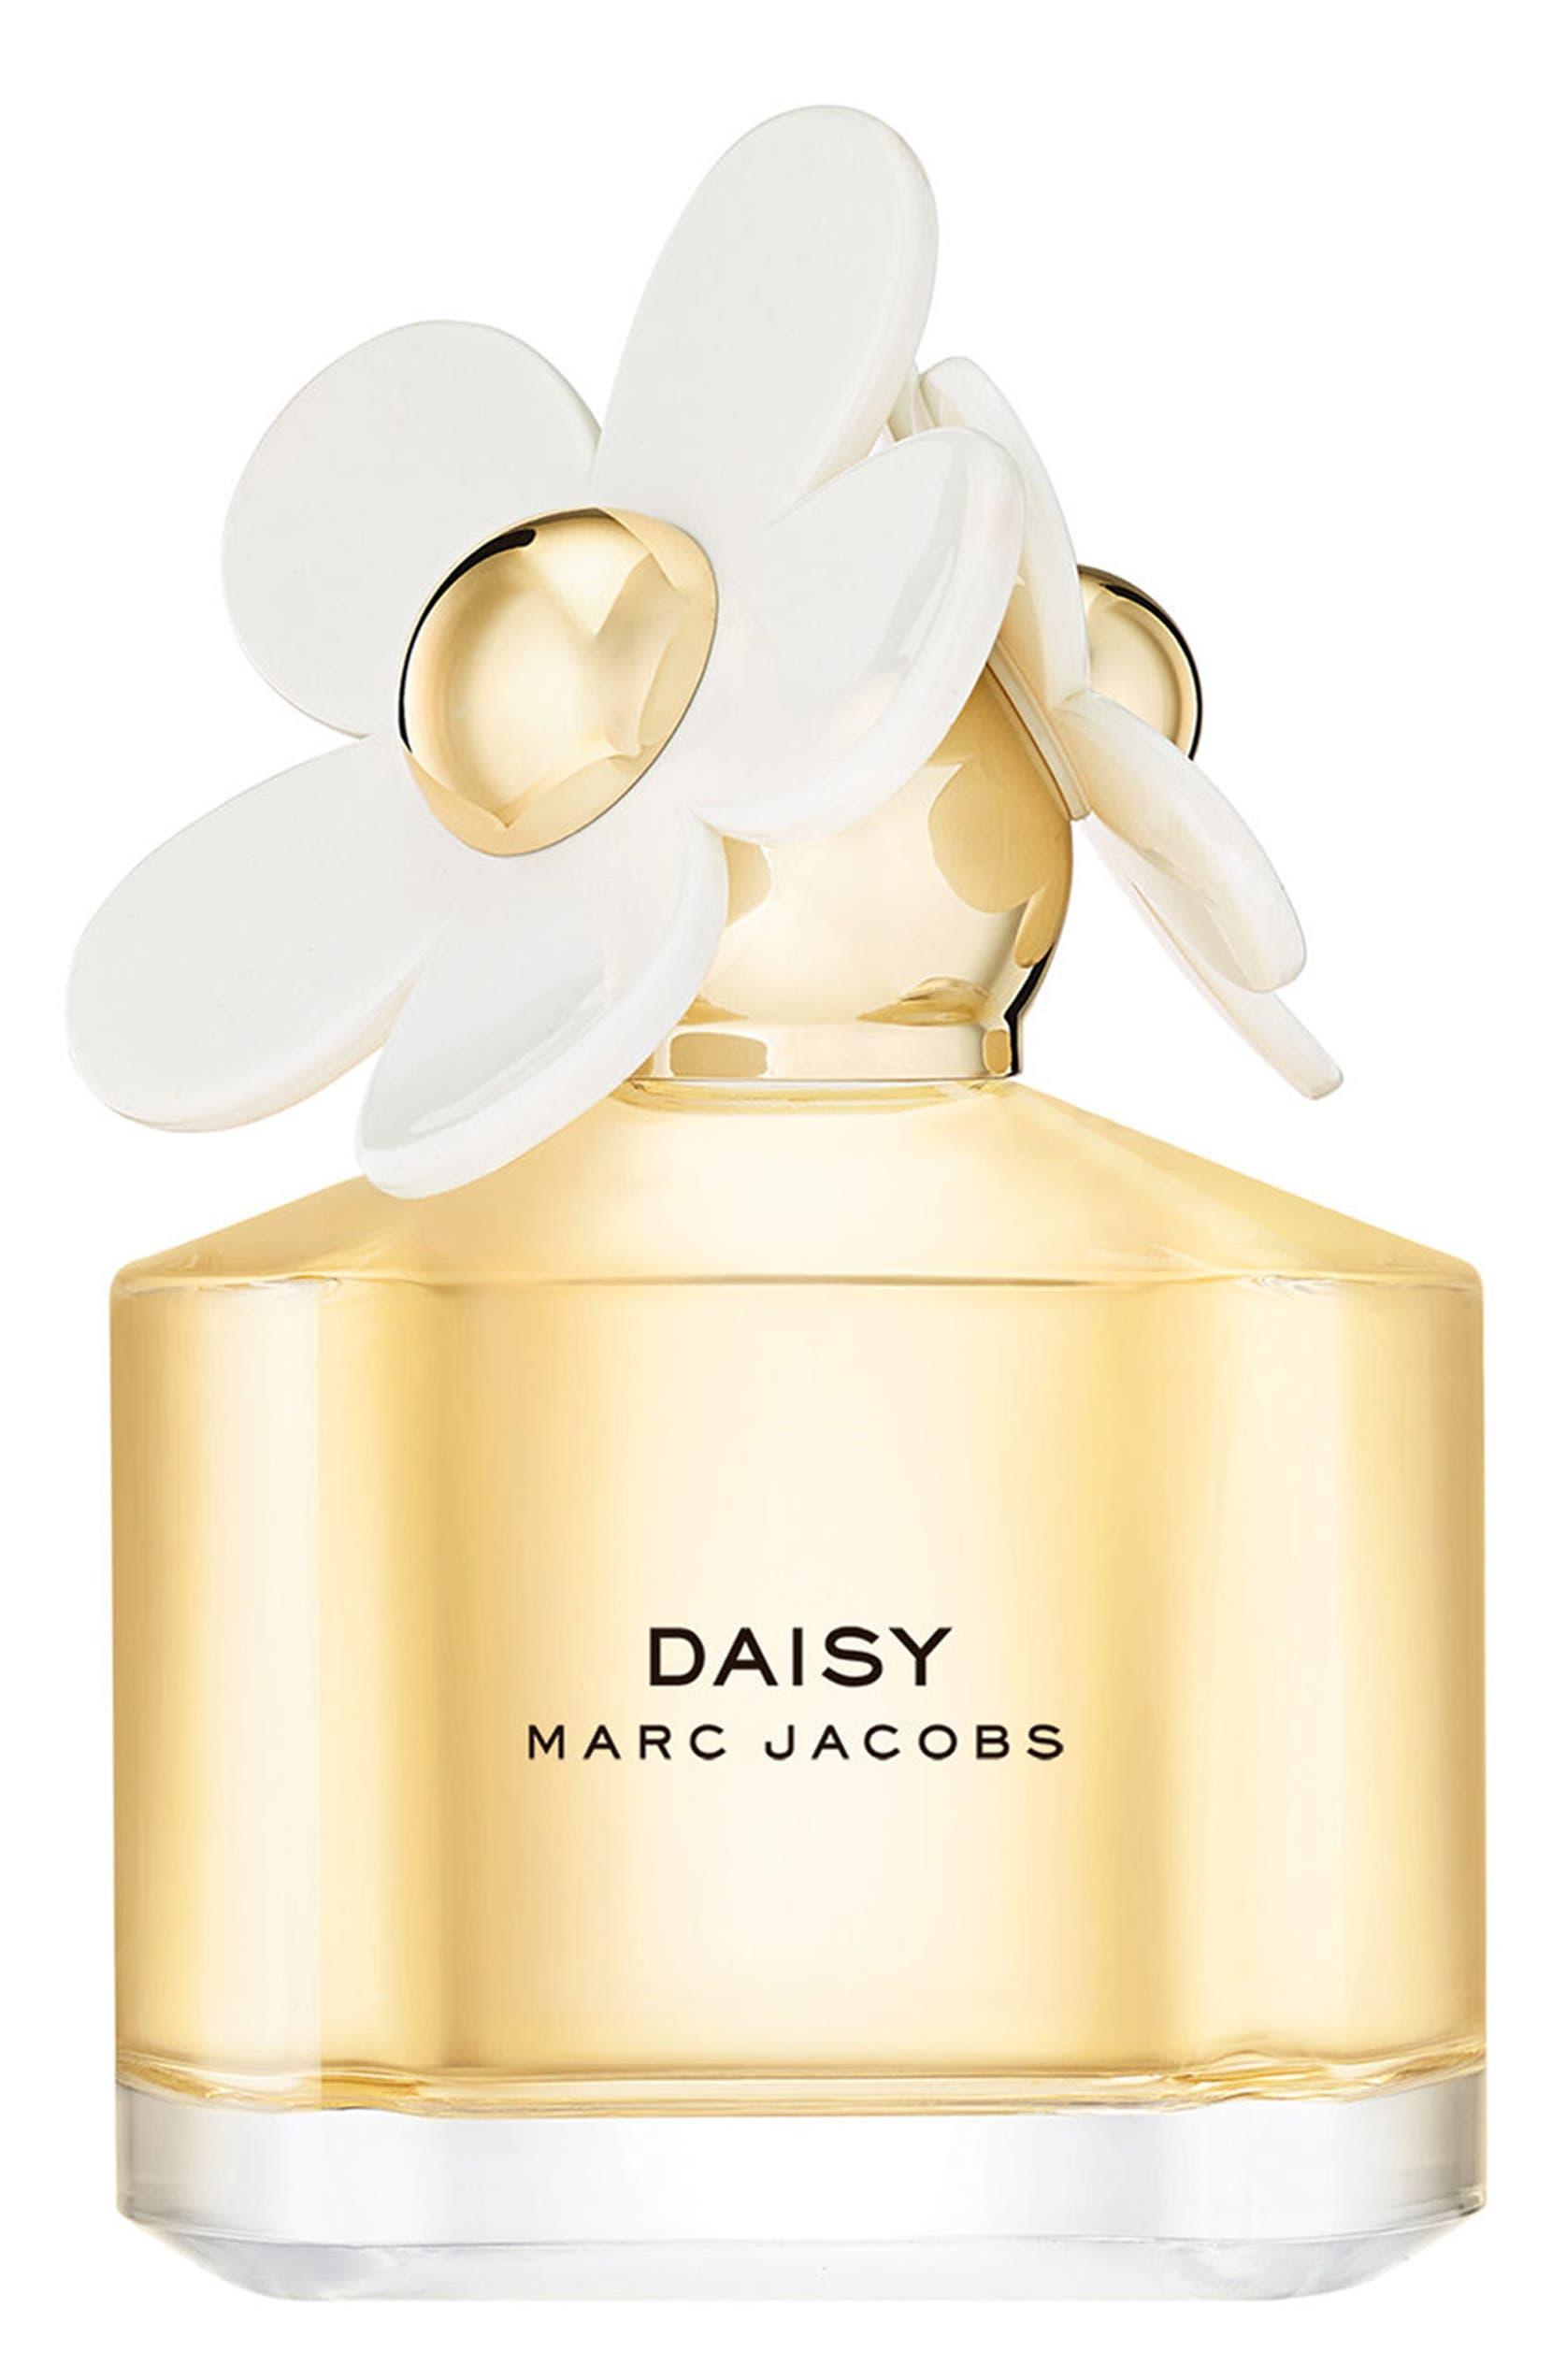 Marc Jacobs Daisy Eau De Toilette Spray Nordstrom